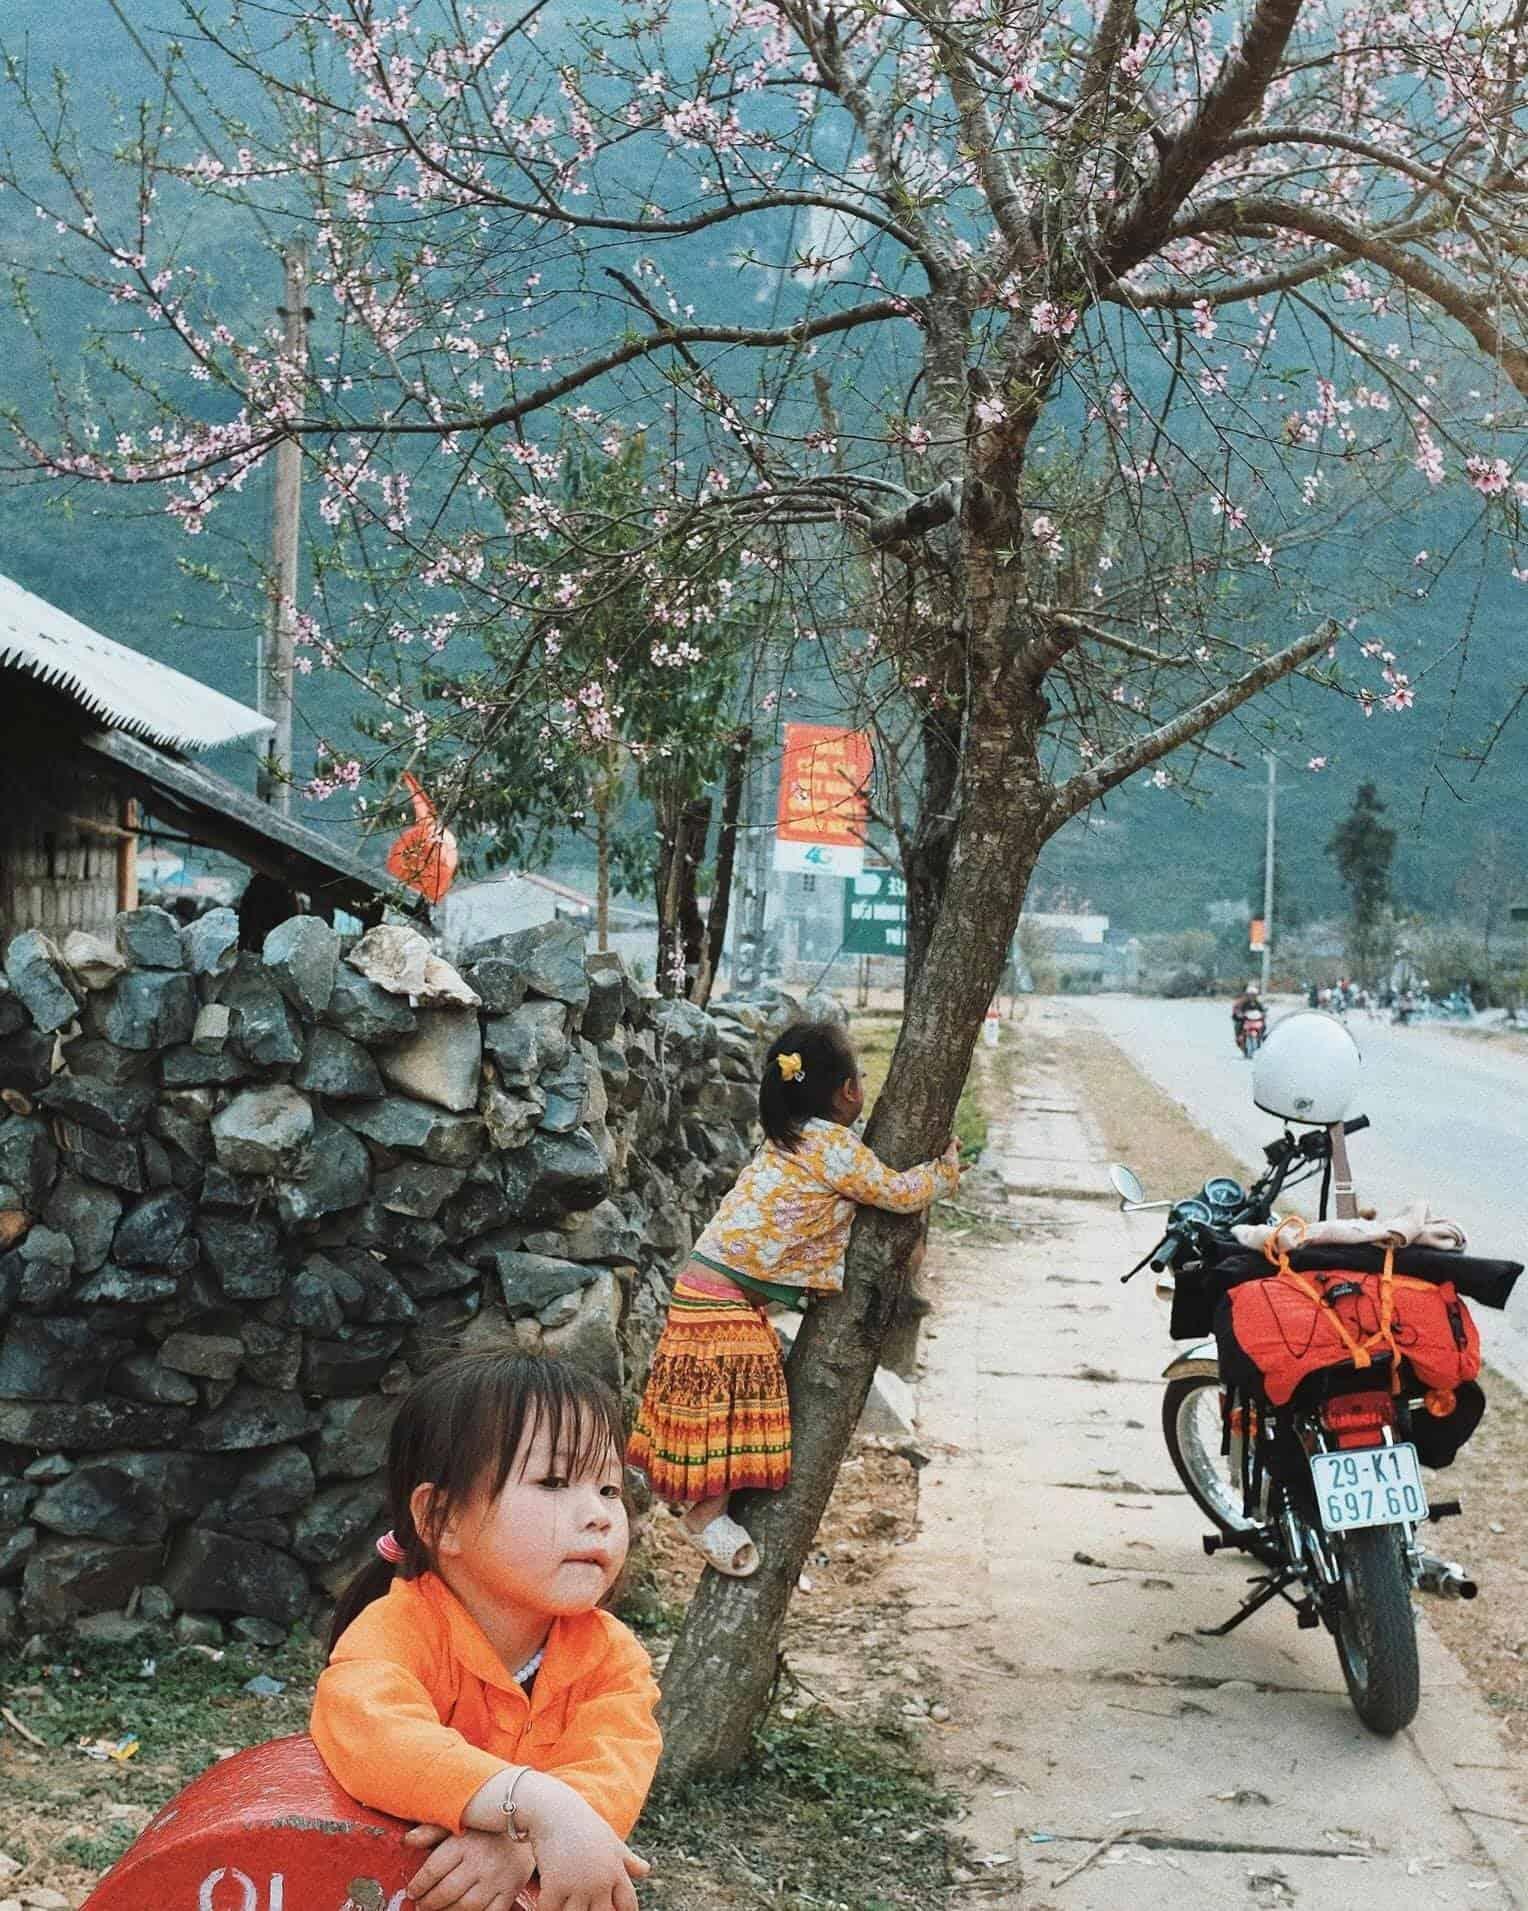 Khung cảnh yên bình của Hà Giang vào tháng 3. Hình: Hai Yen Chu